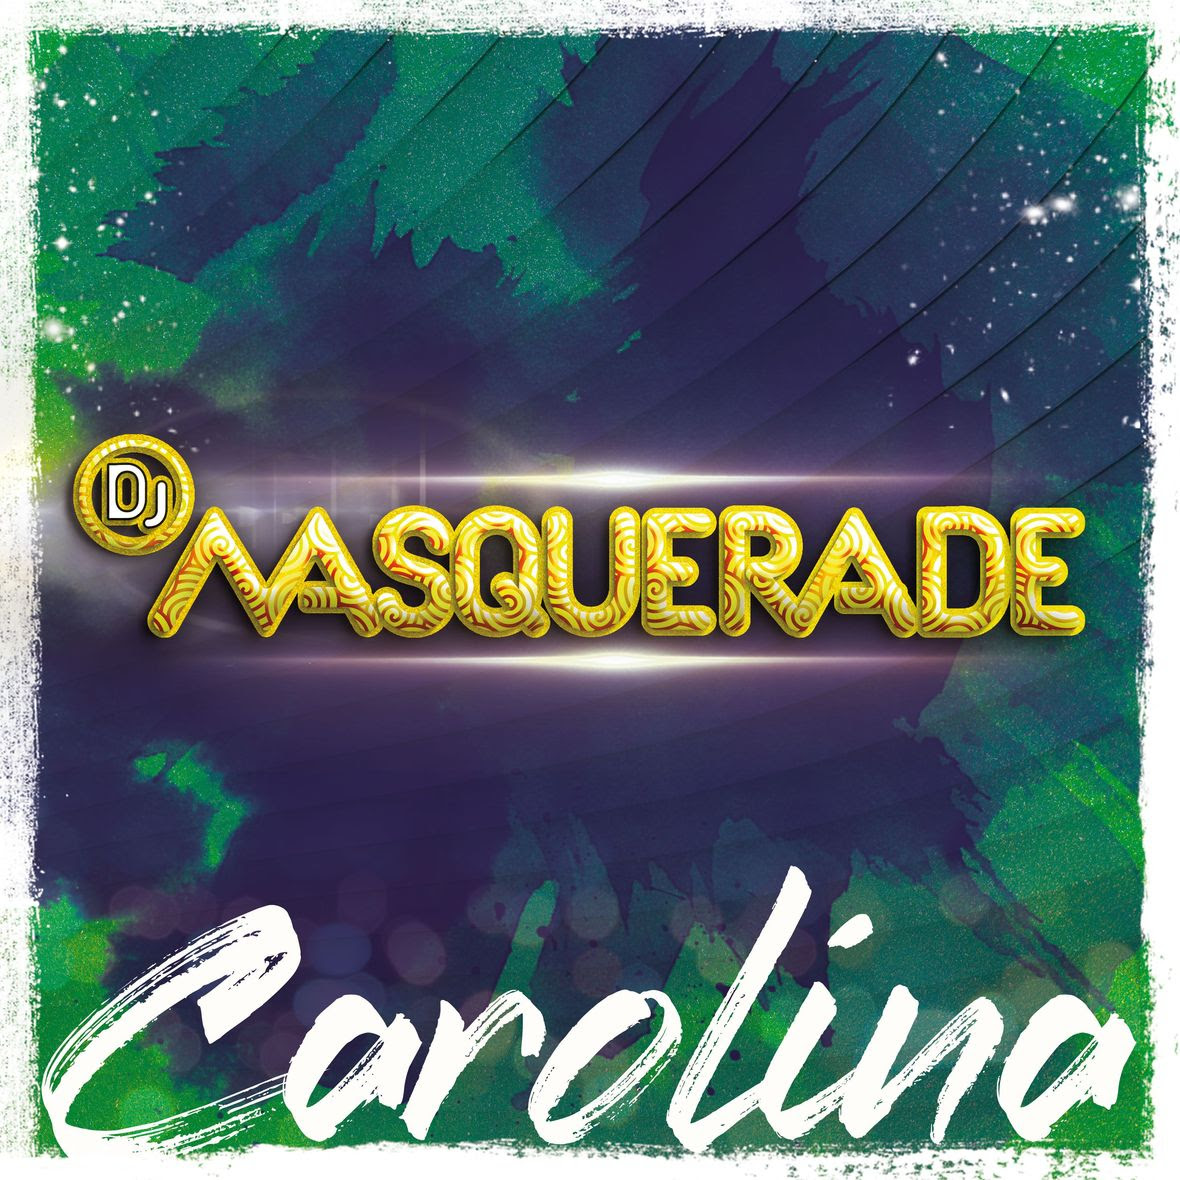 DJ Masquerade - Carolina